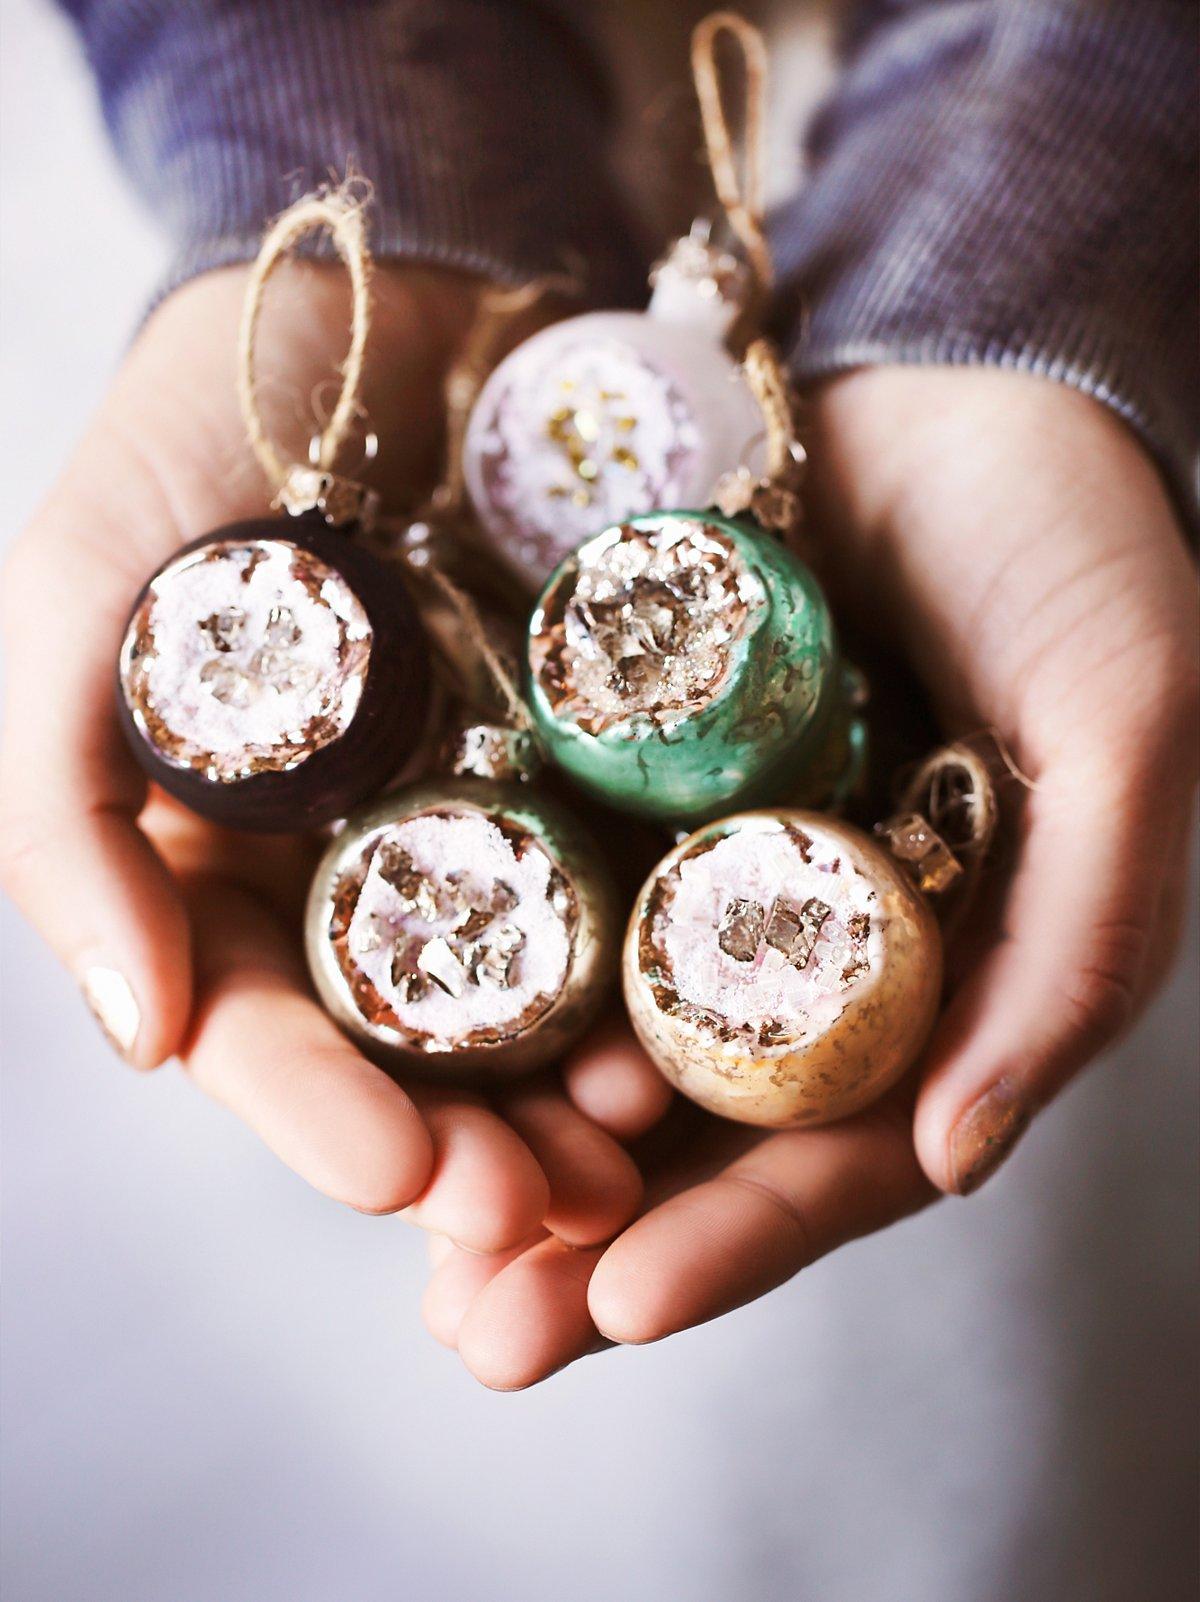 Geode Ball Ornament